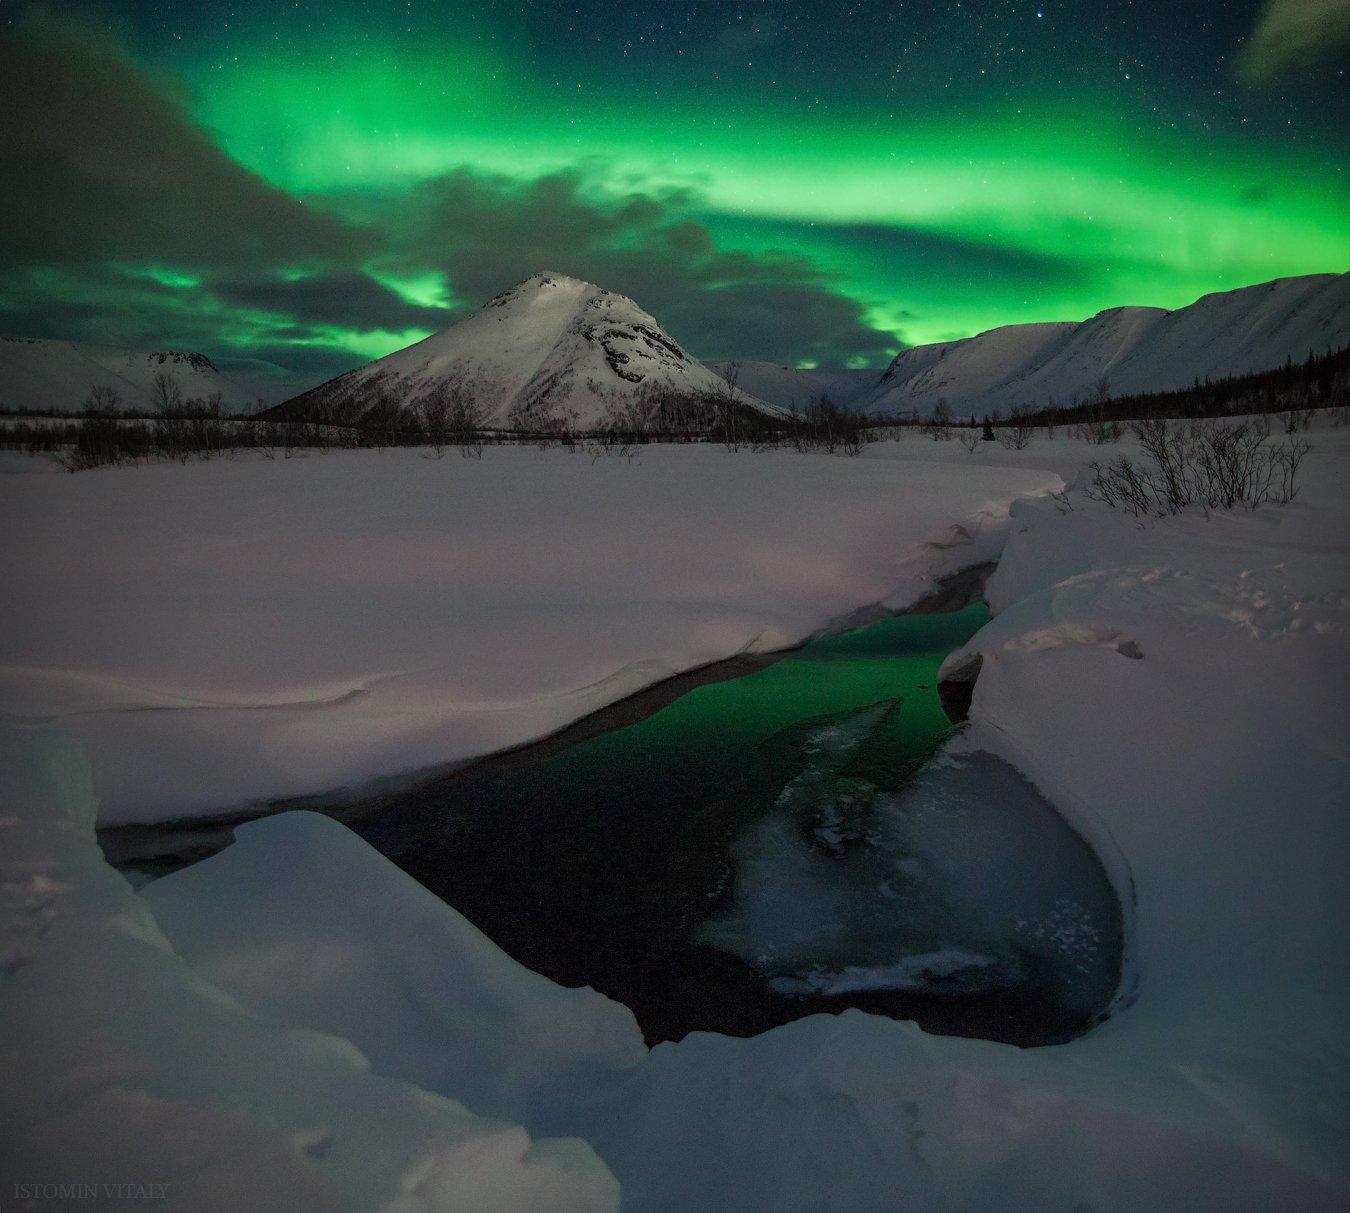 пейзаж,горы,россия,отражение,звезды,ночь,вода,весна,небо,просторы, Истомин Виталий